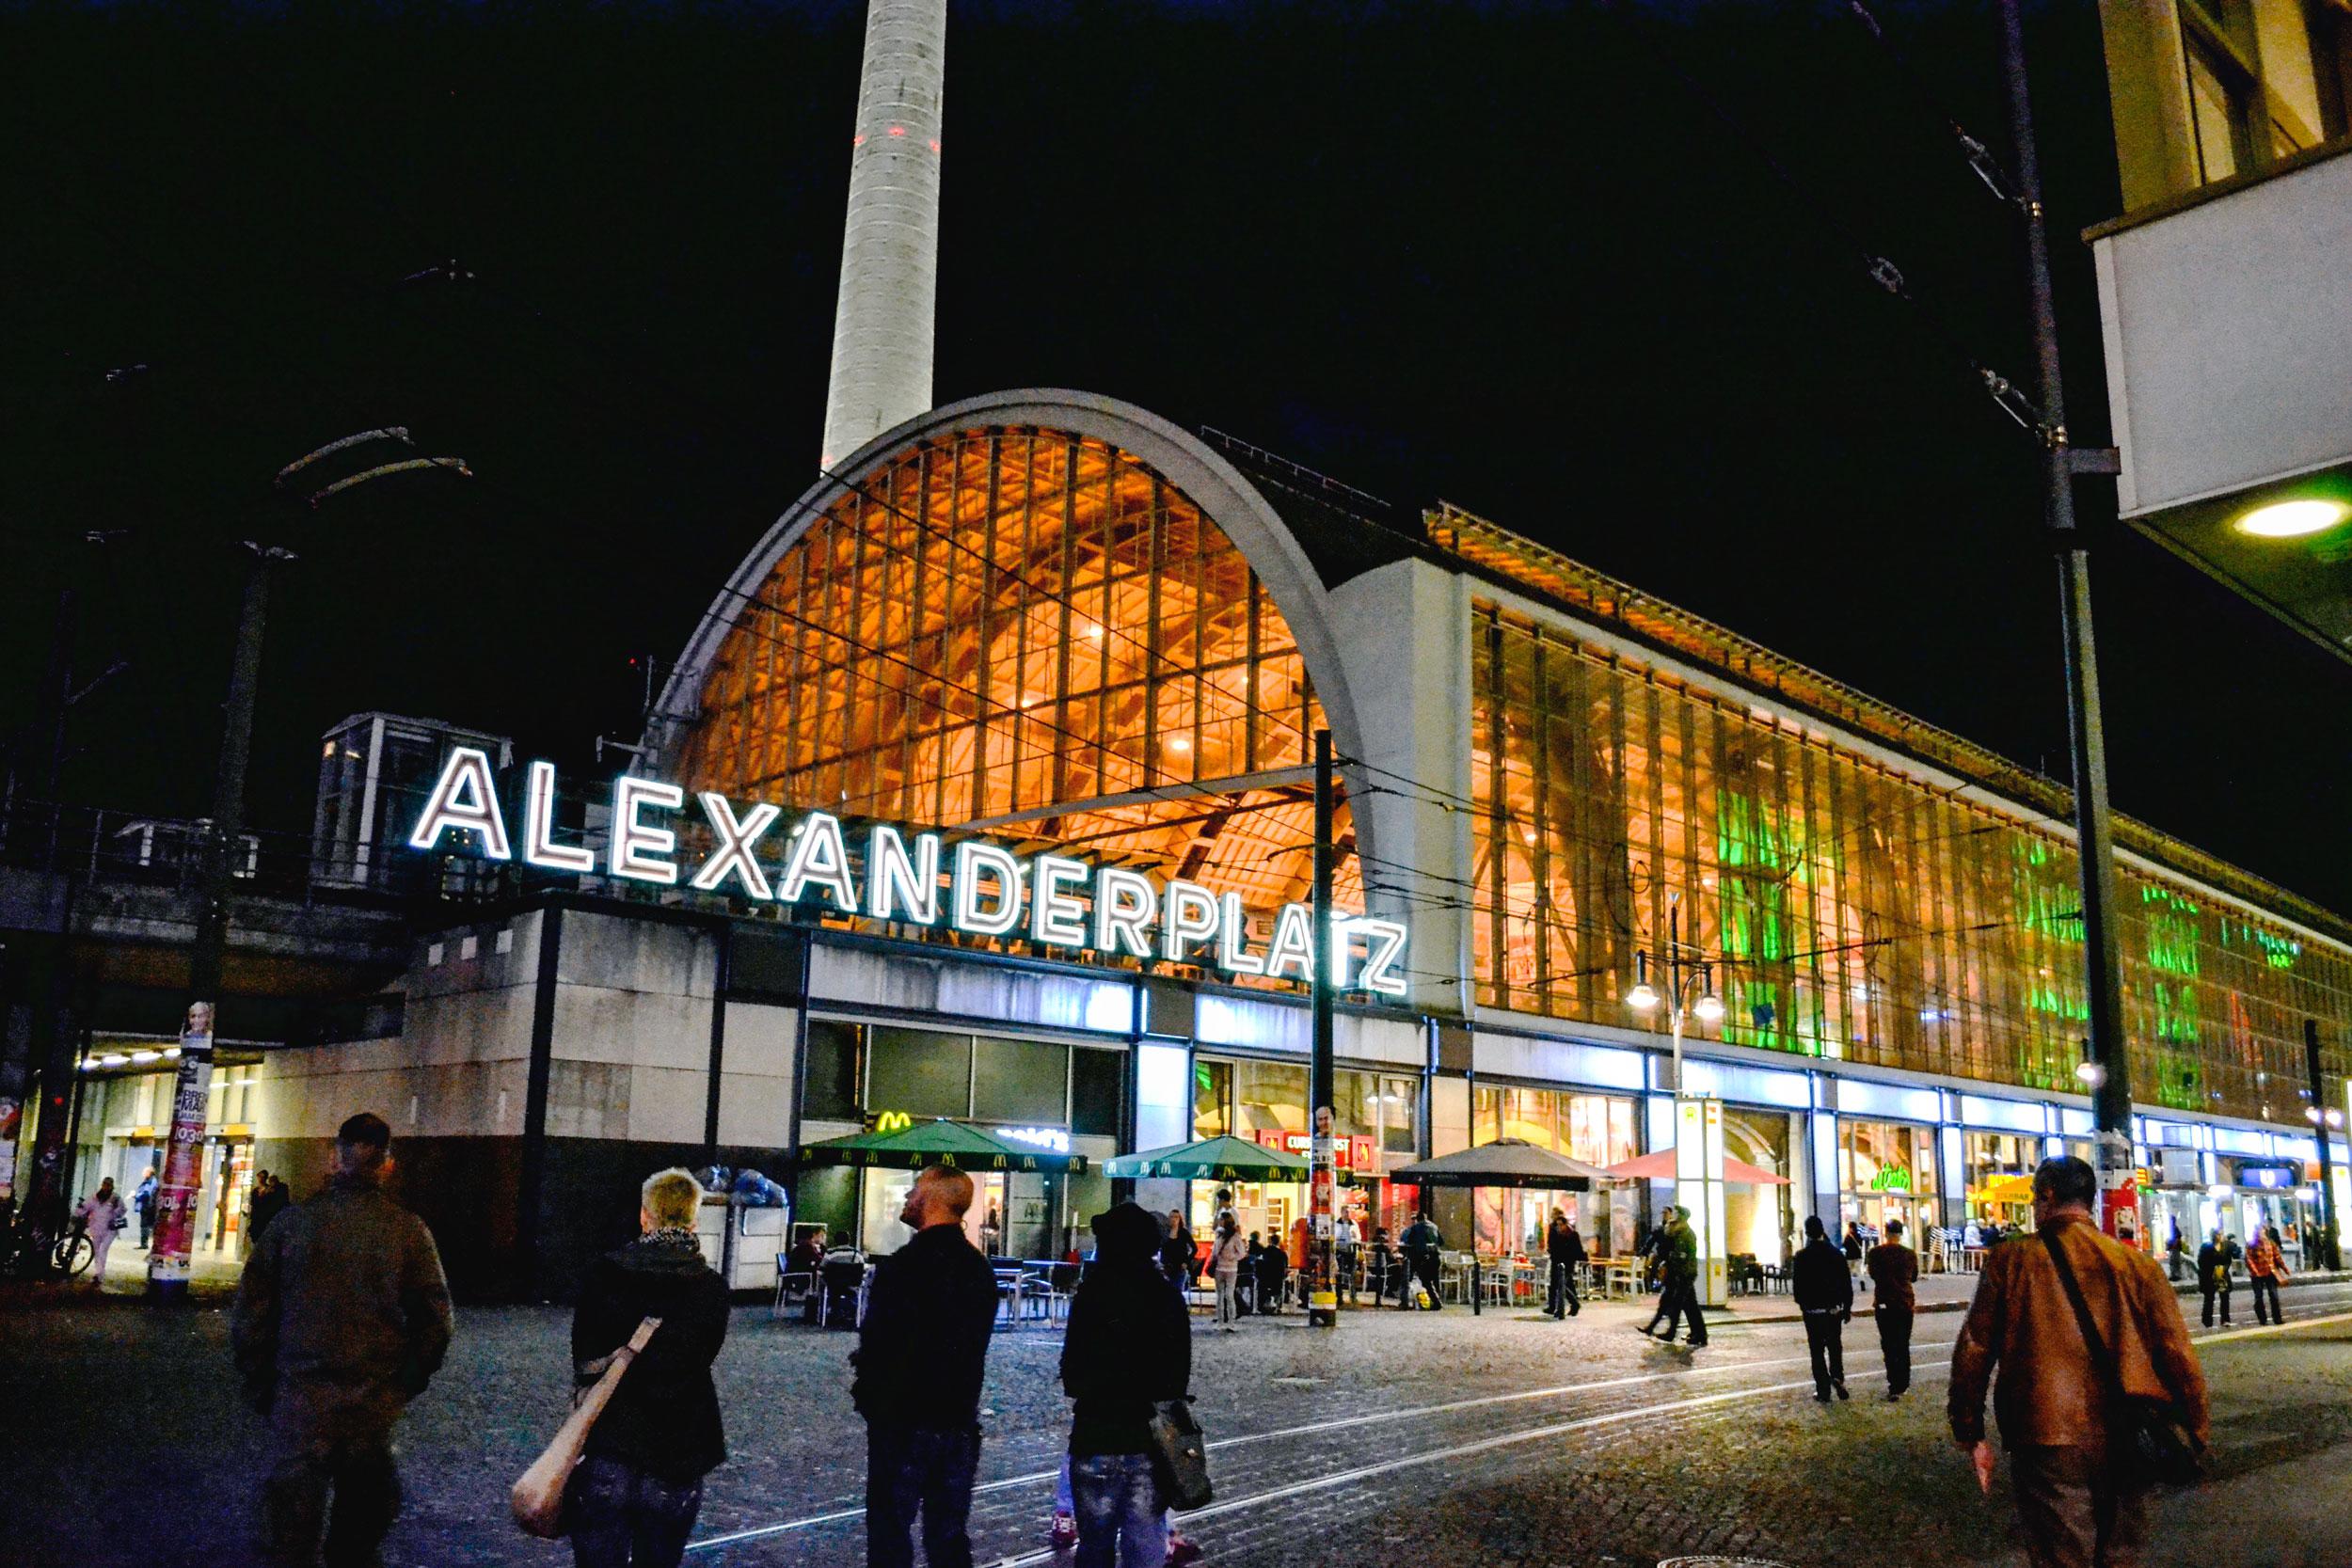 berlin-alexanderplatz-02.jpg